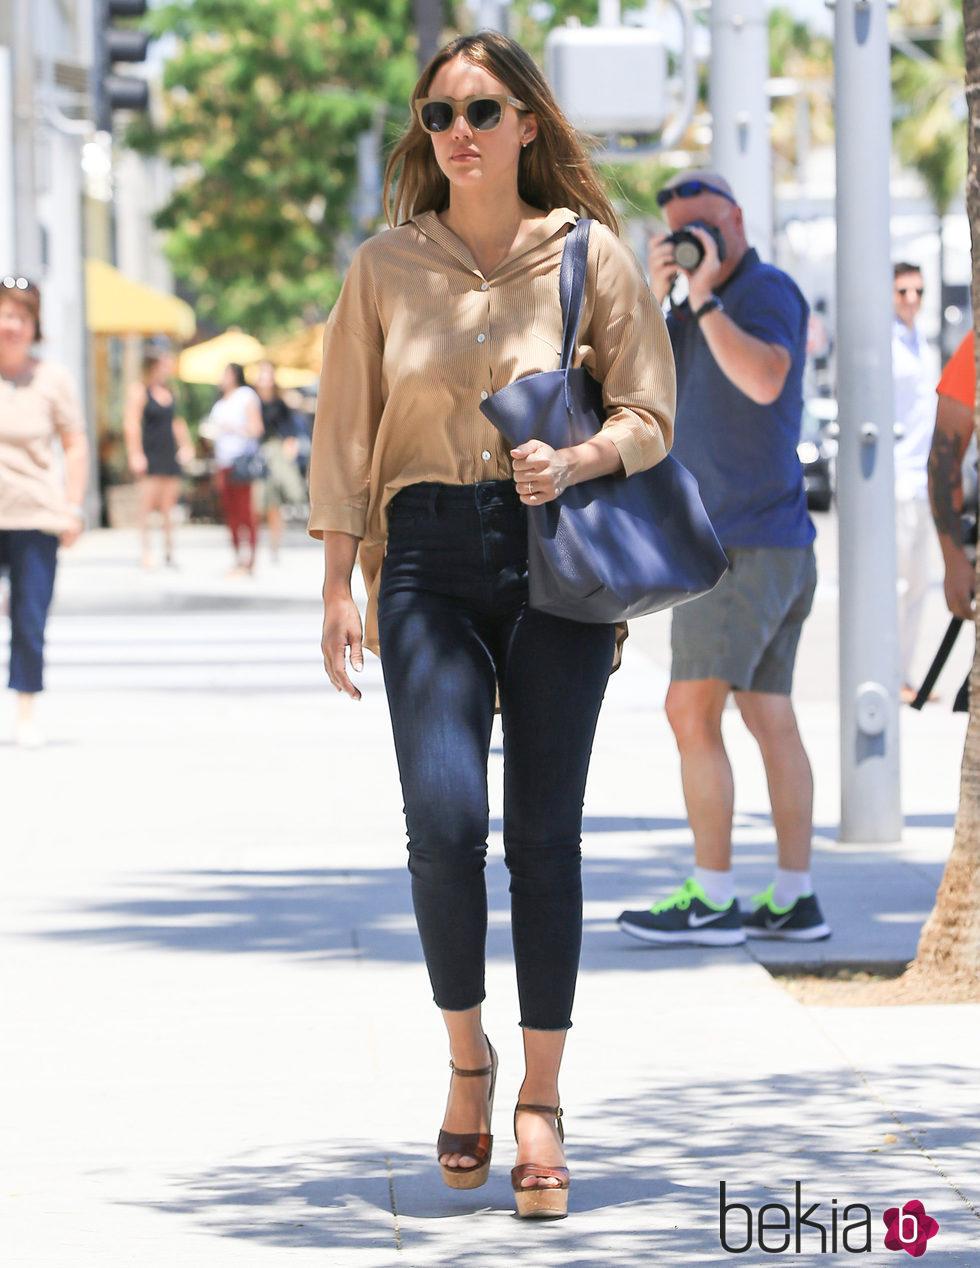 Jessica Alba Con Un Total Look Casual Chic El Estilo De